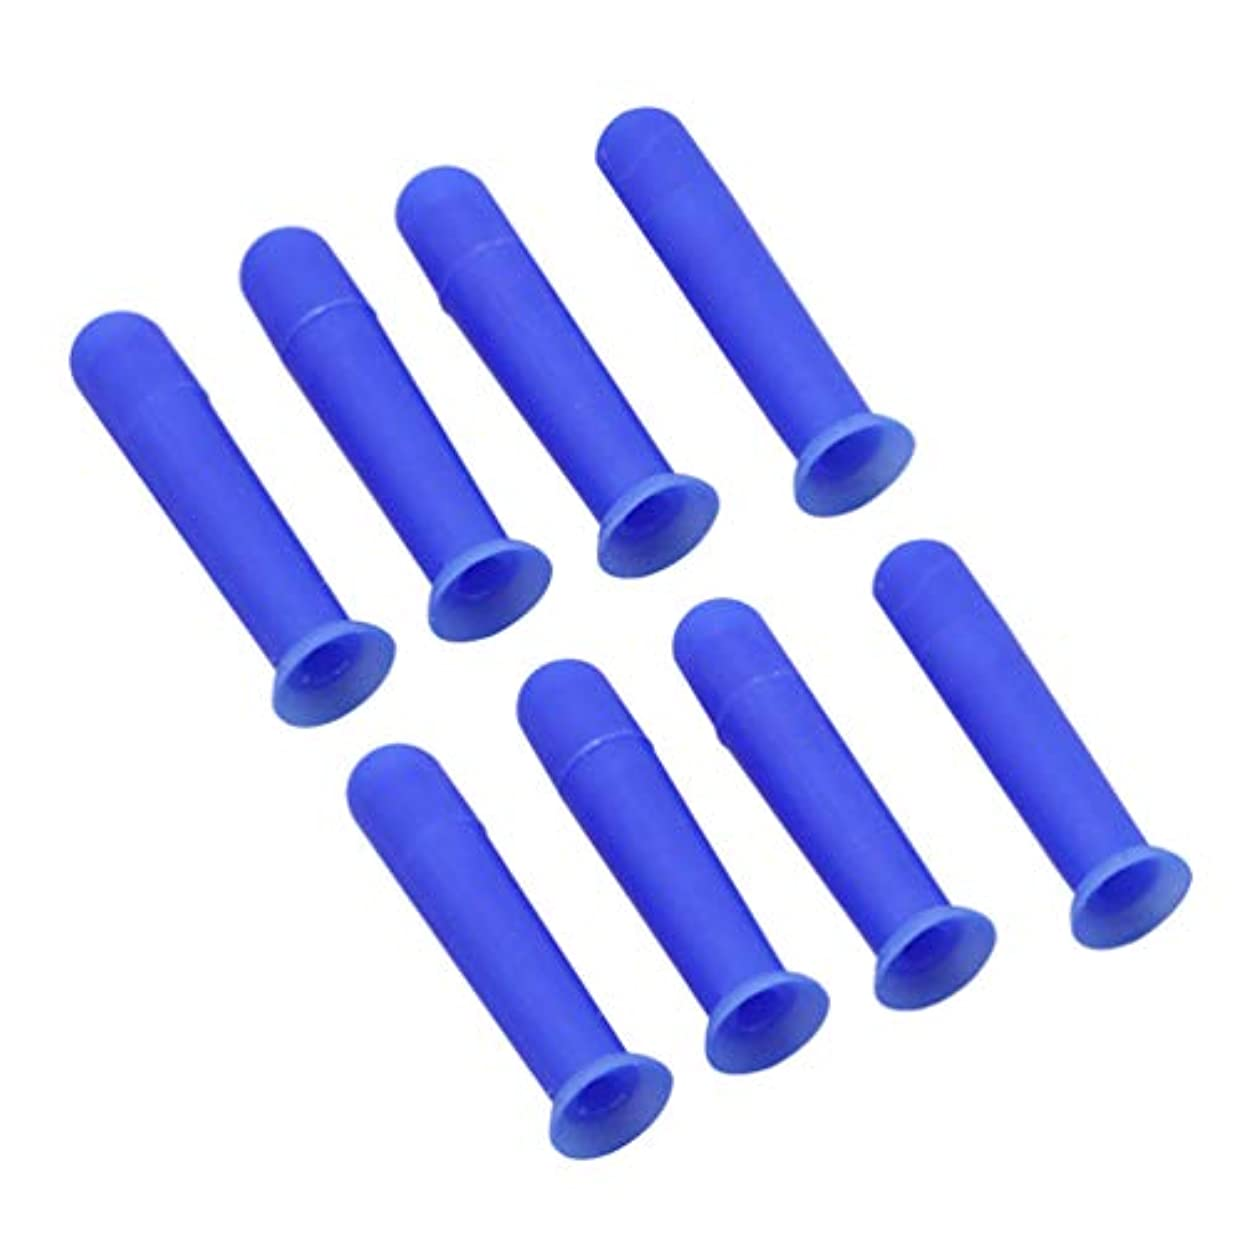 糞オゾン引き潮Healifty 8ピース レンズピン コンタクトレンズ 挿入 取り外しツール 装着器具 リムーバー ポータブル ボトル付 旅行 家庭